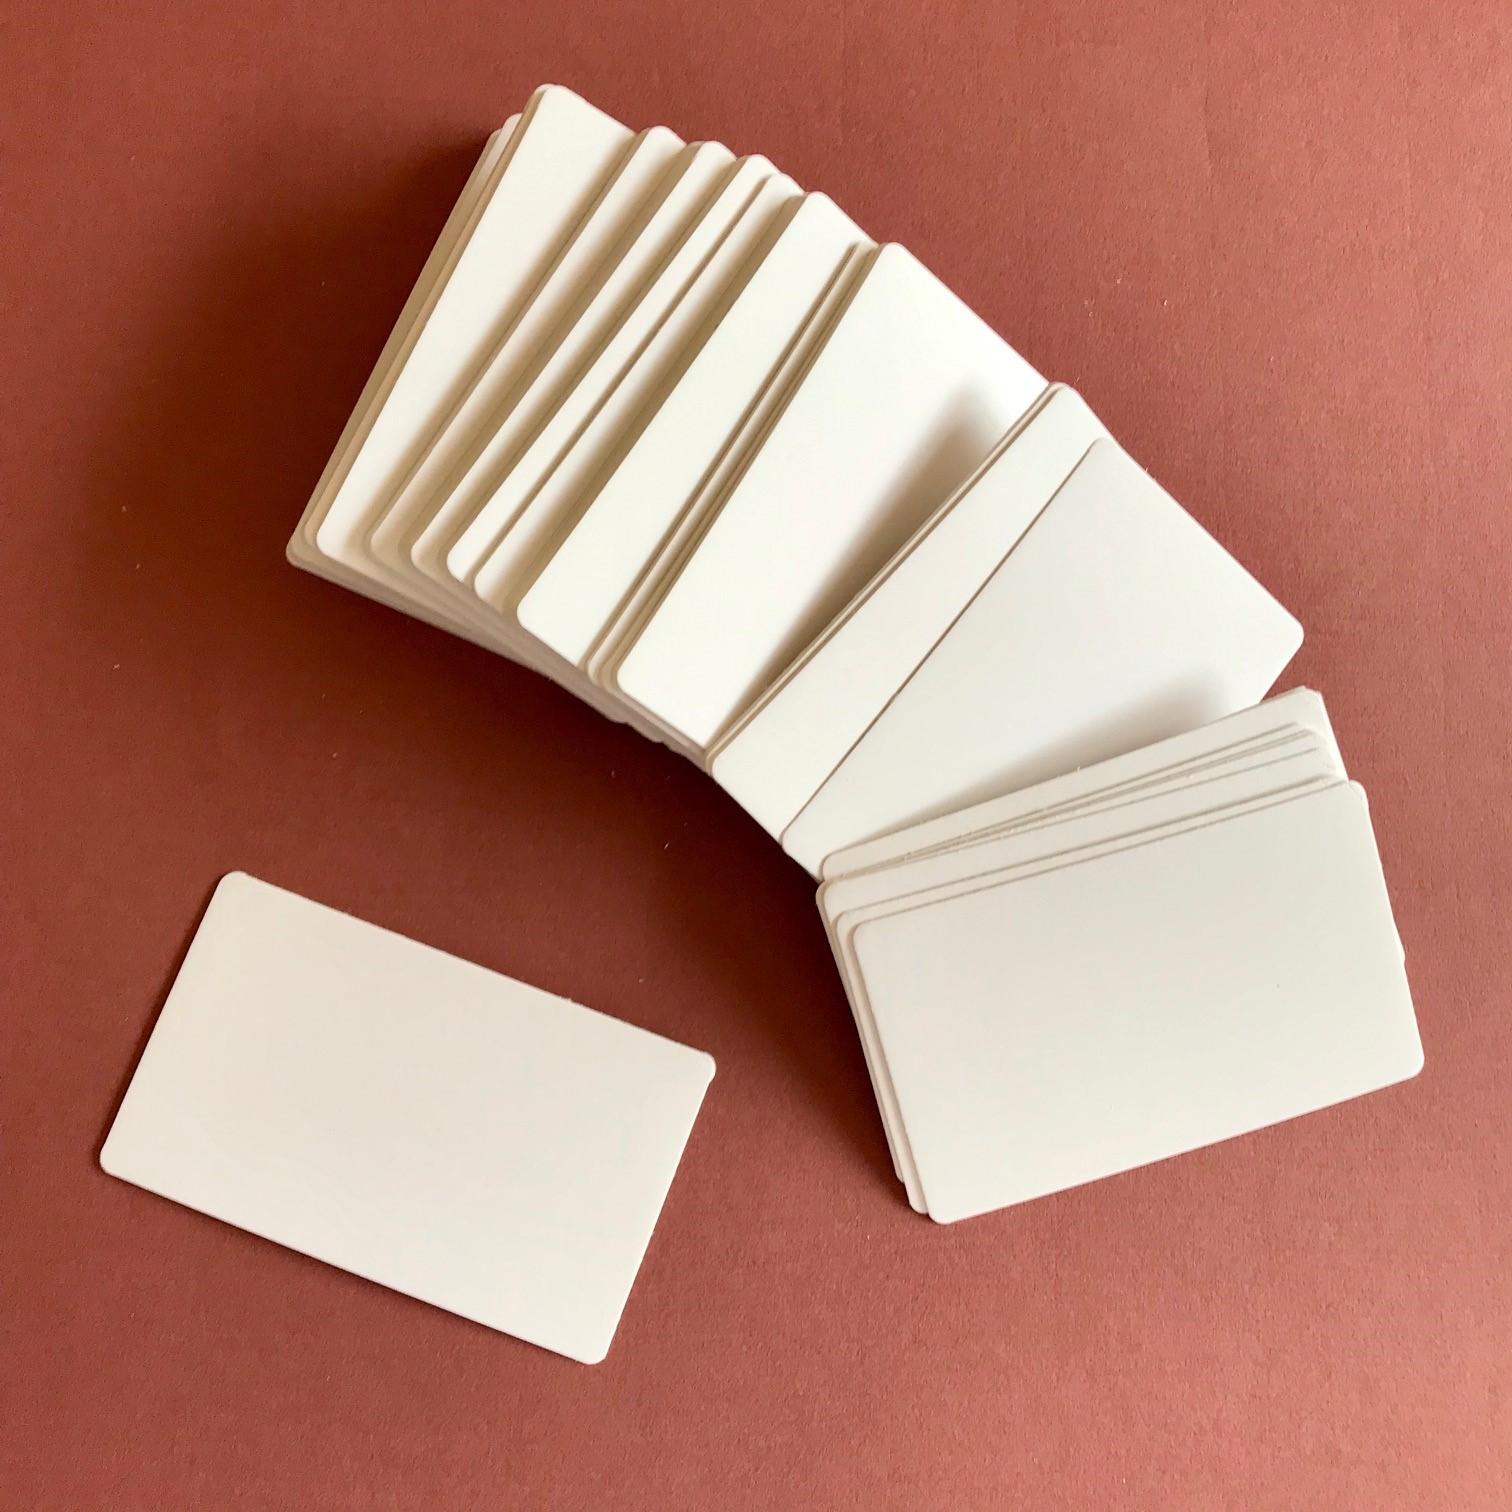 Blanko Visitenkarten Weiß Abgerundete Ecken 100 St